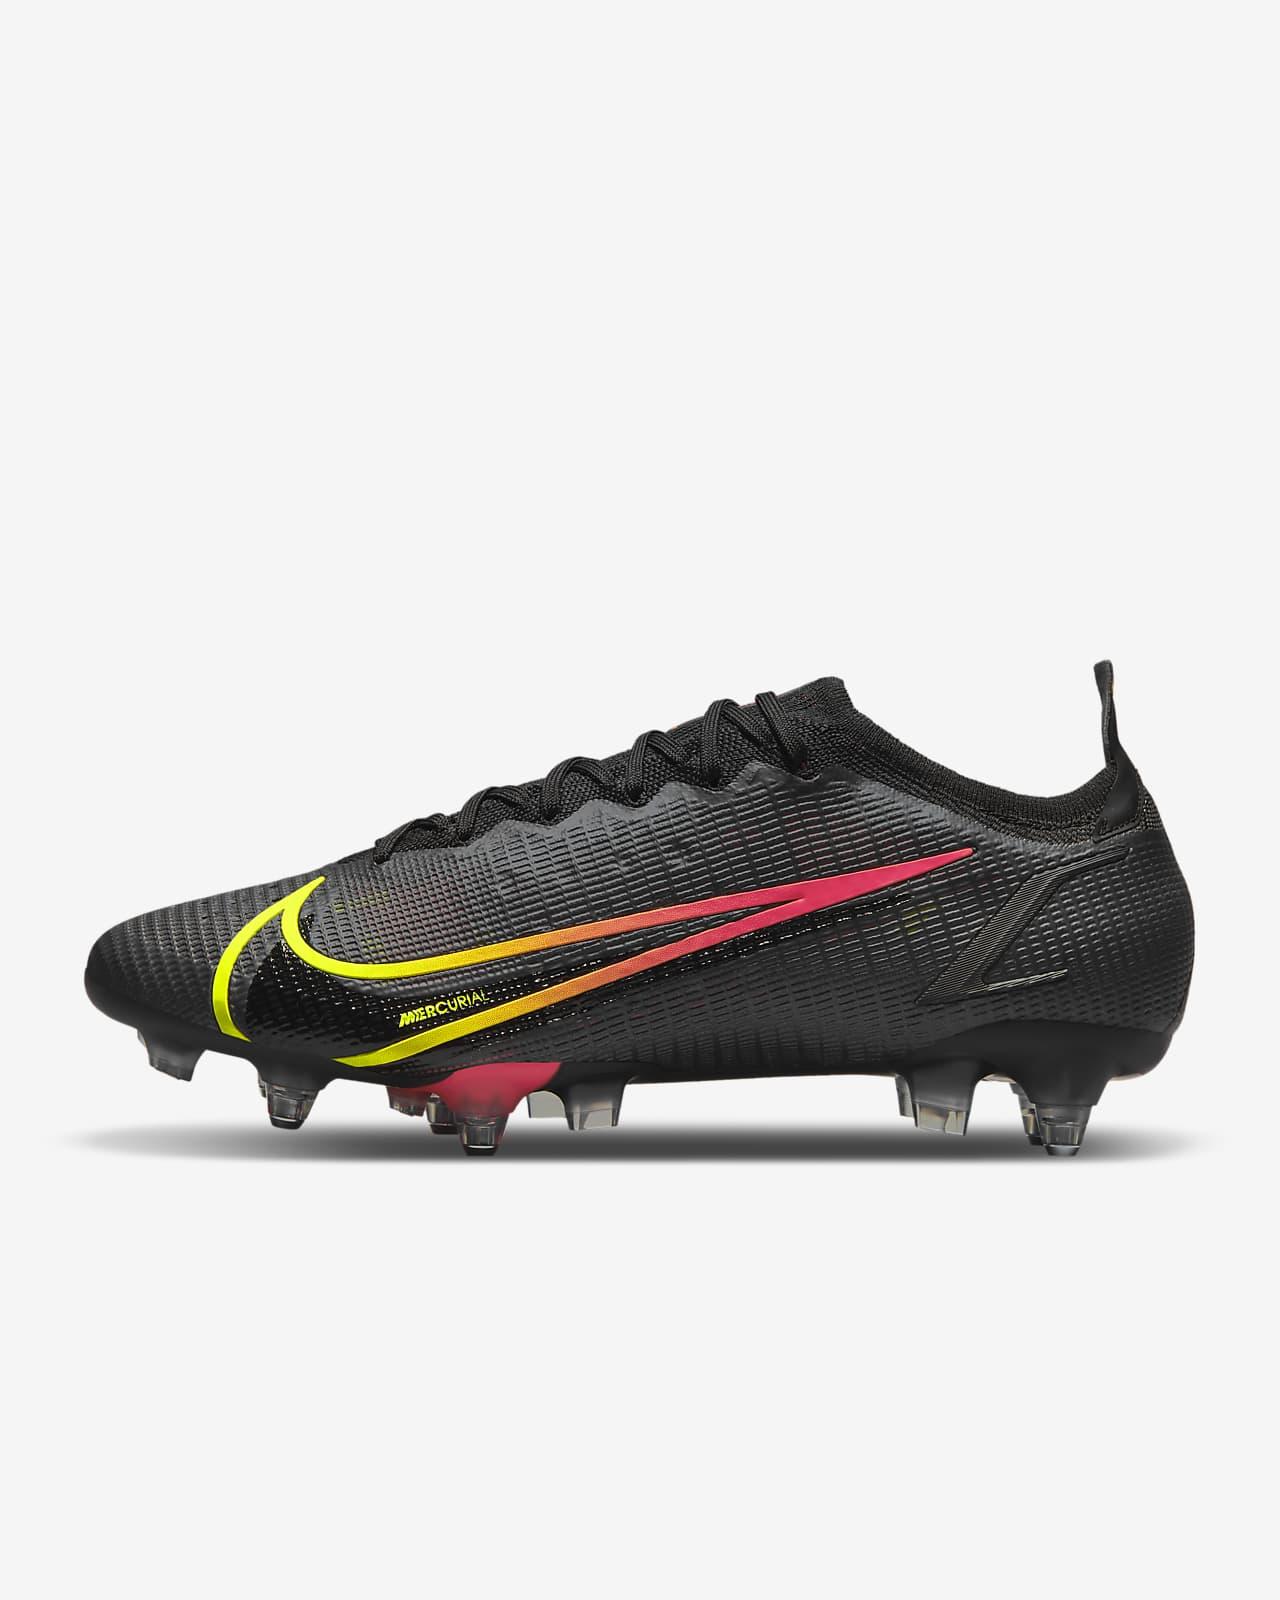 Chaussure de football à crampons pour terrain gras Nike Mercurial Vapor 14 Elite SG-Pro AC